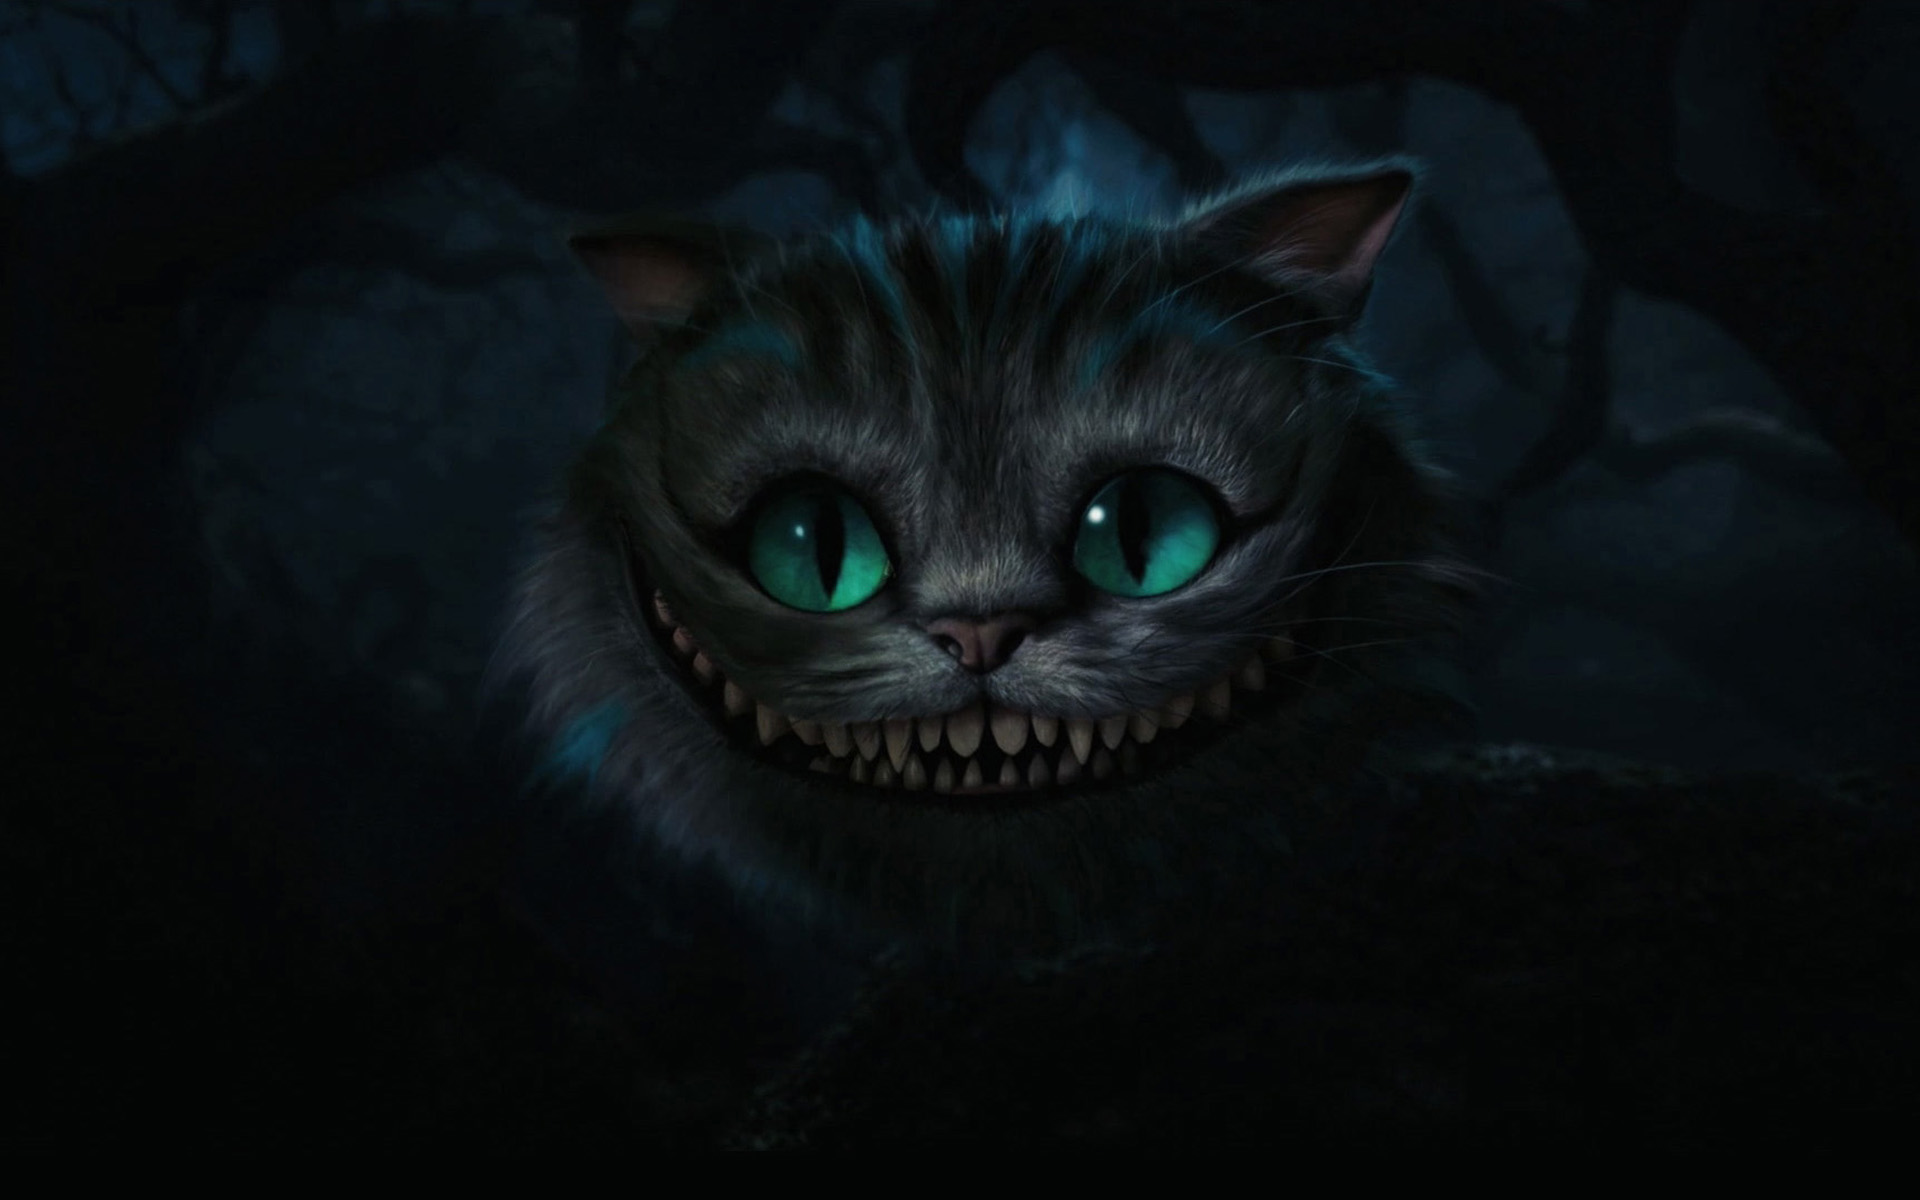 отличие анимация кота из алисы в стране чудес одной стороны